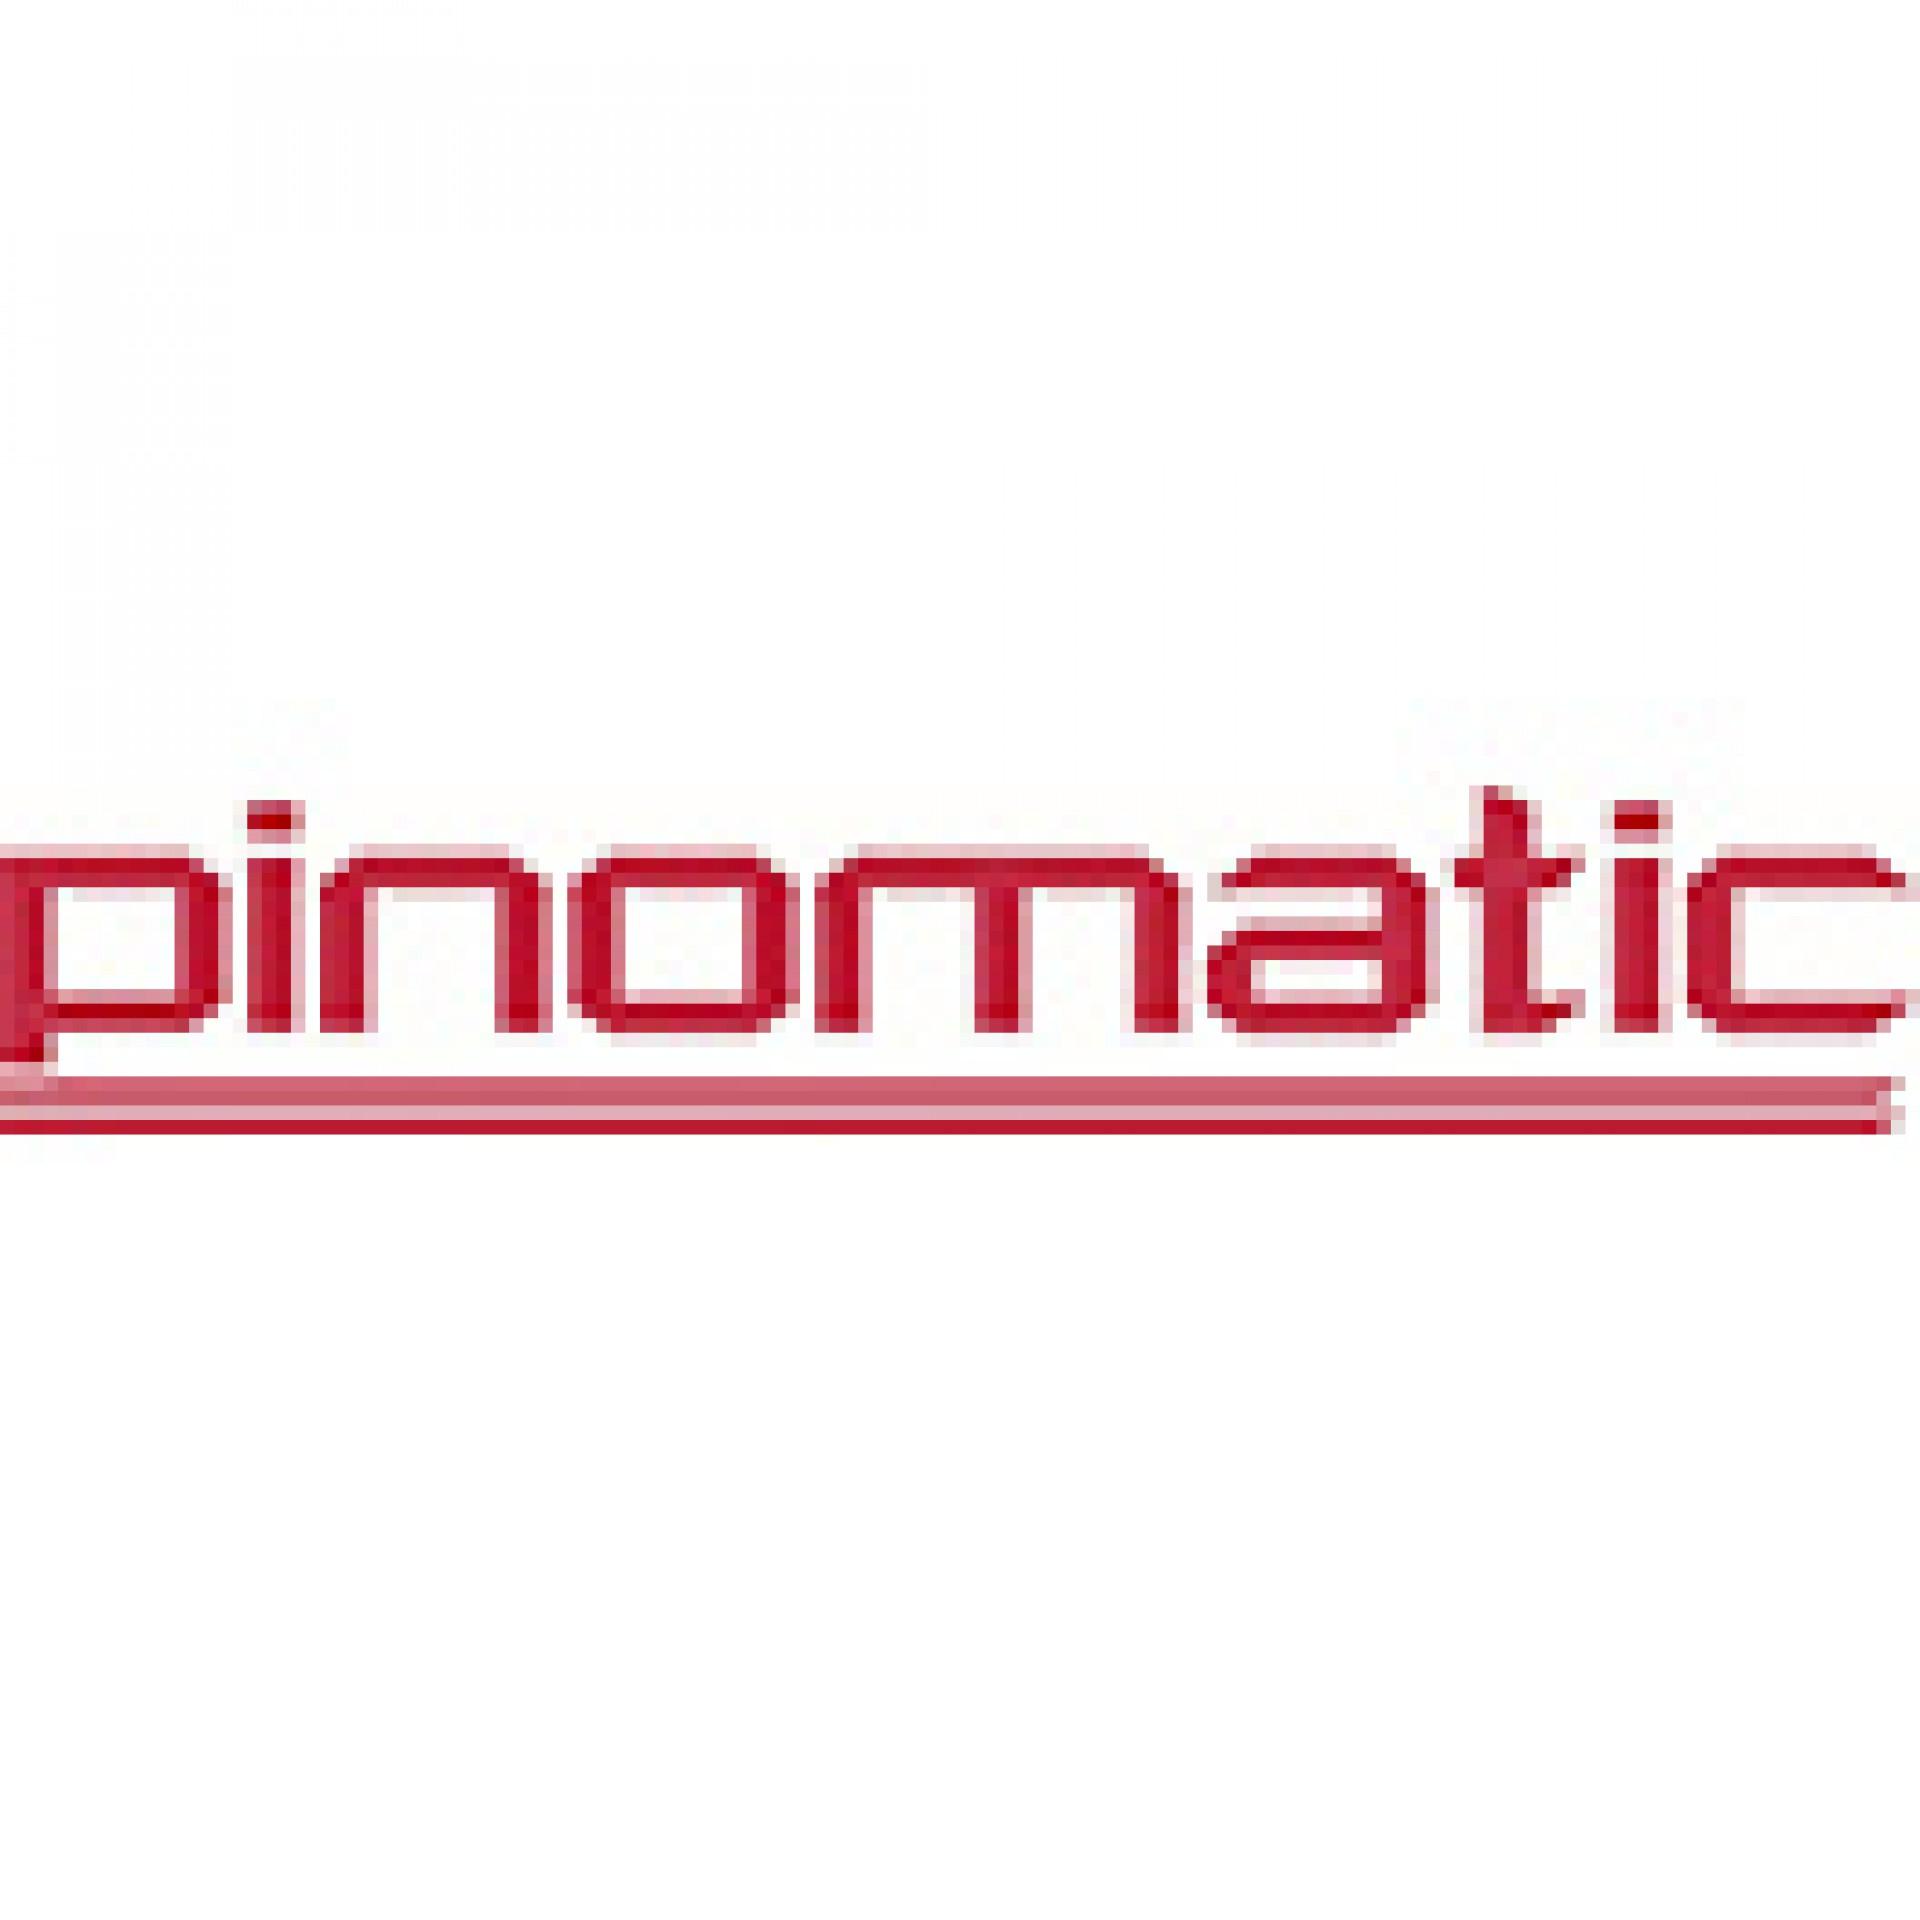 Pinomatic